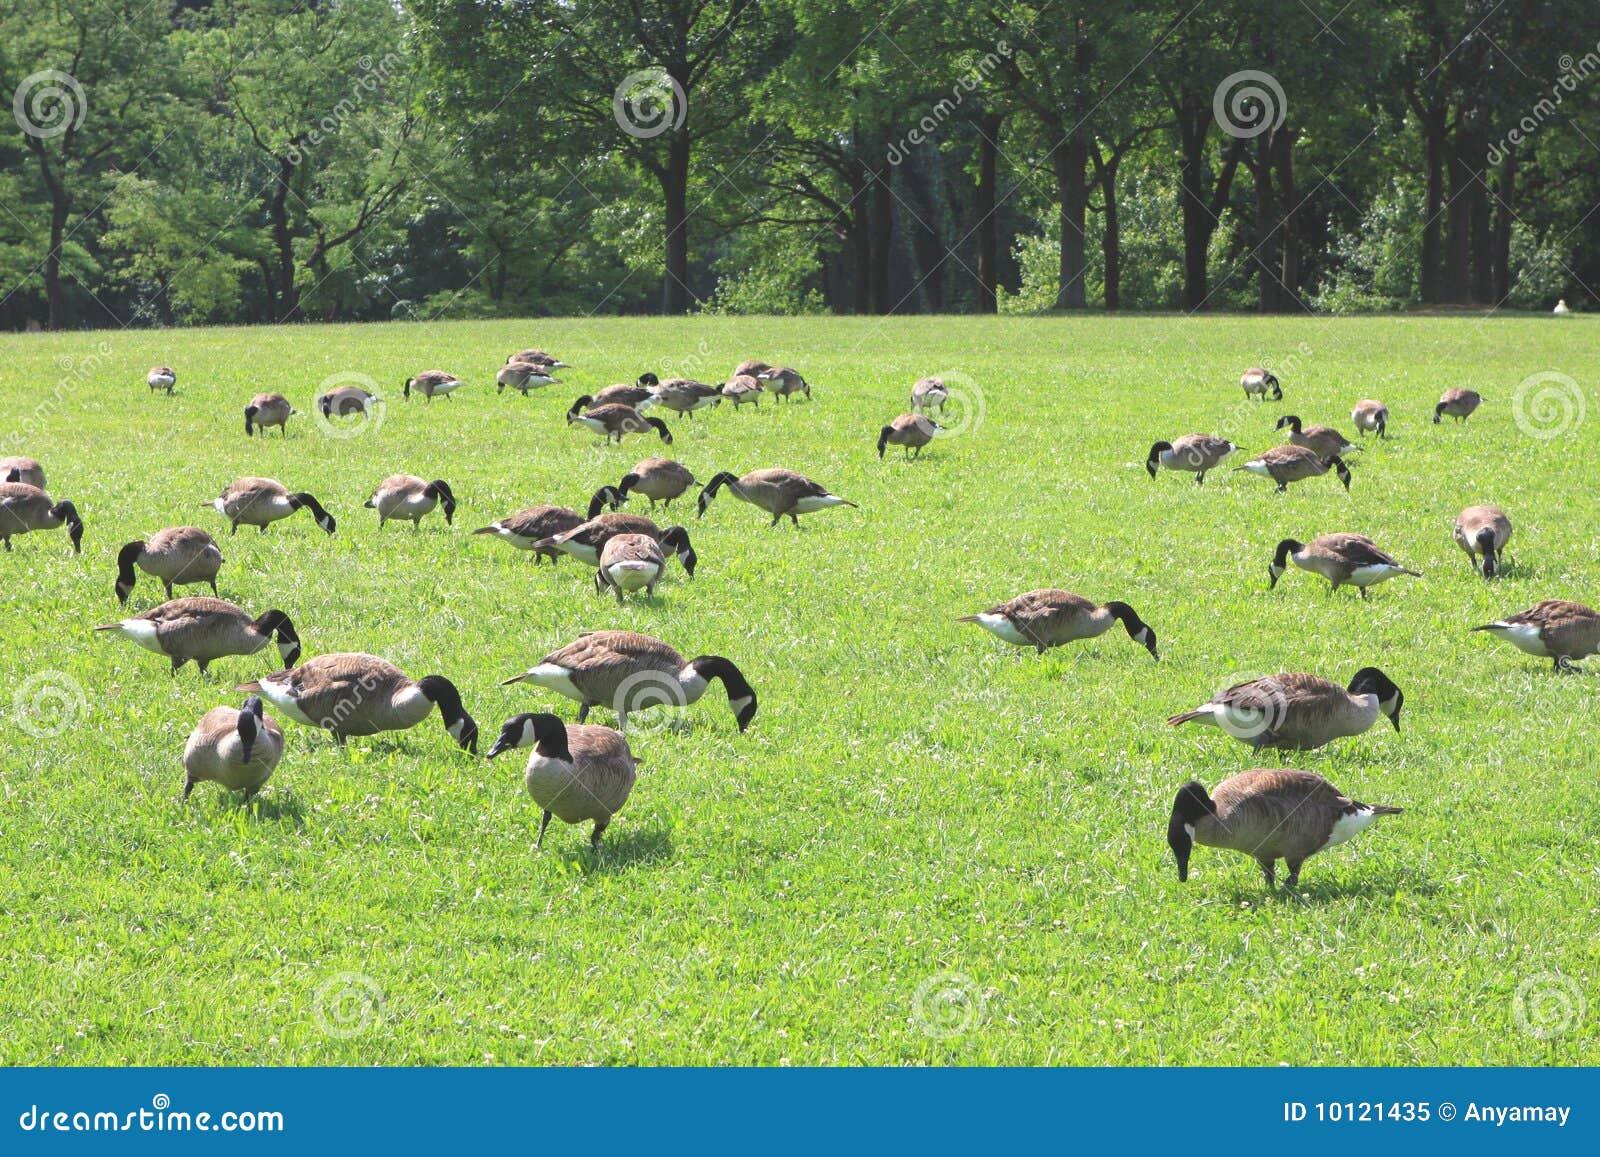 Fußboden Graß Essen ~ Enten die gras essen stockbild bild von pelz gans